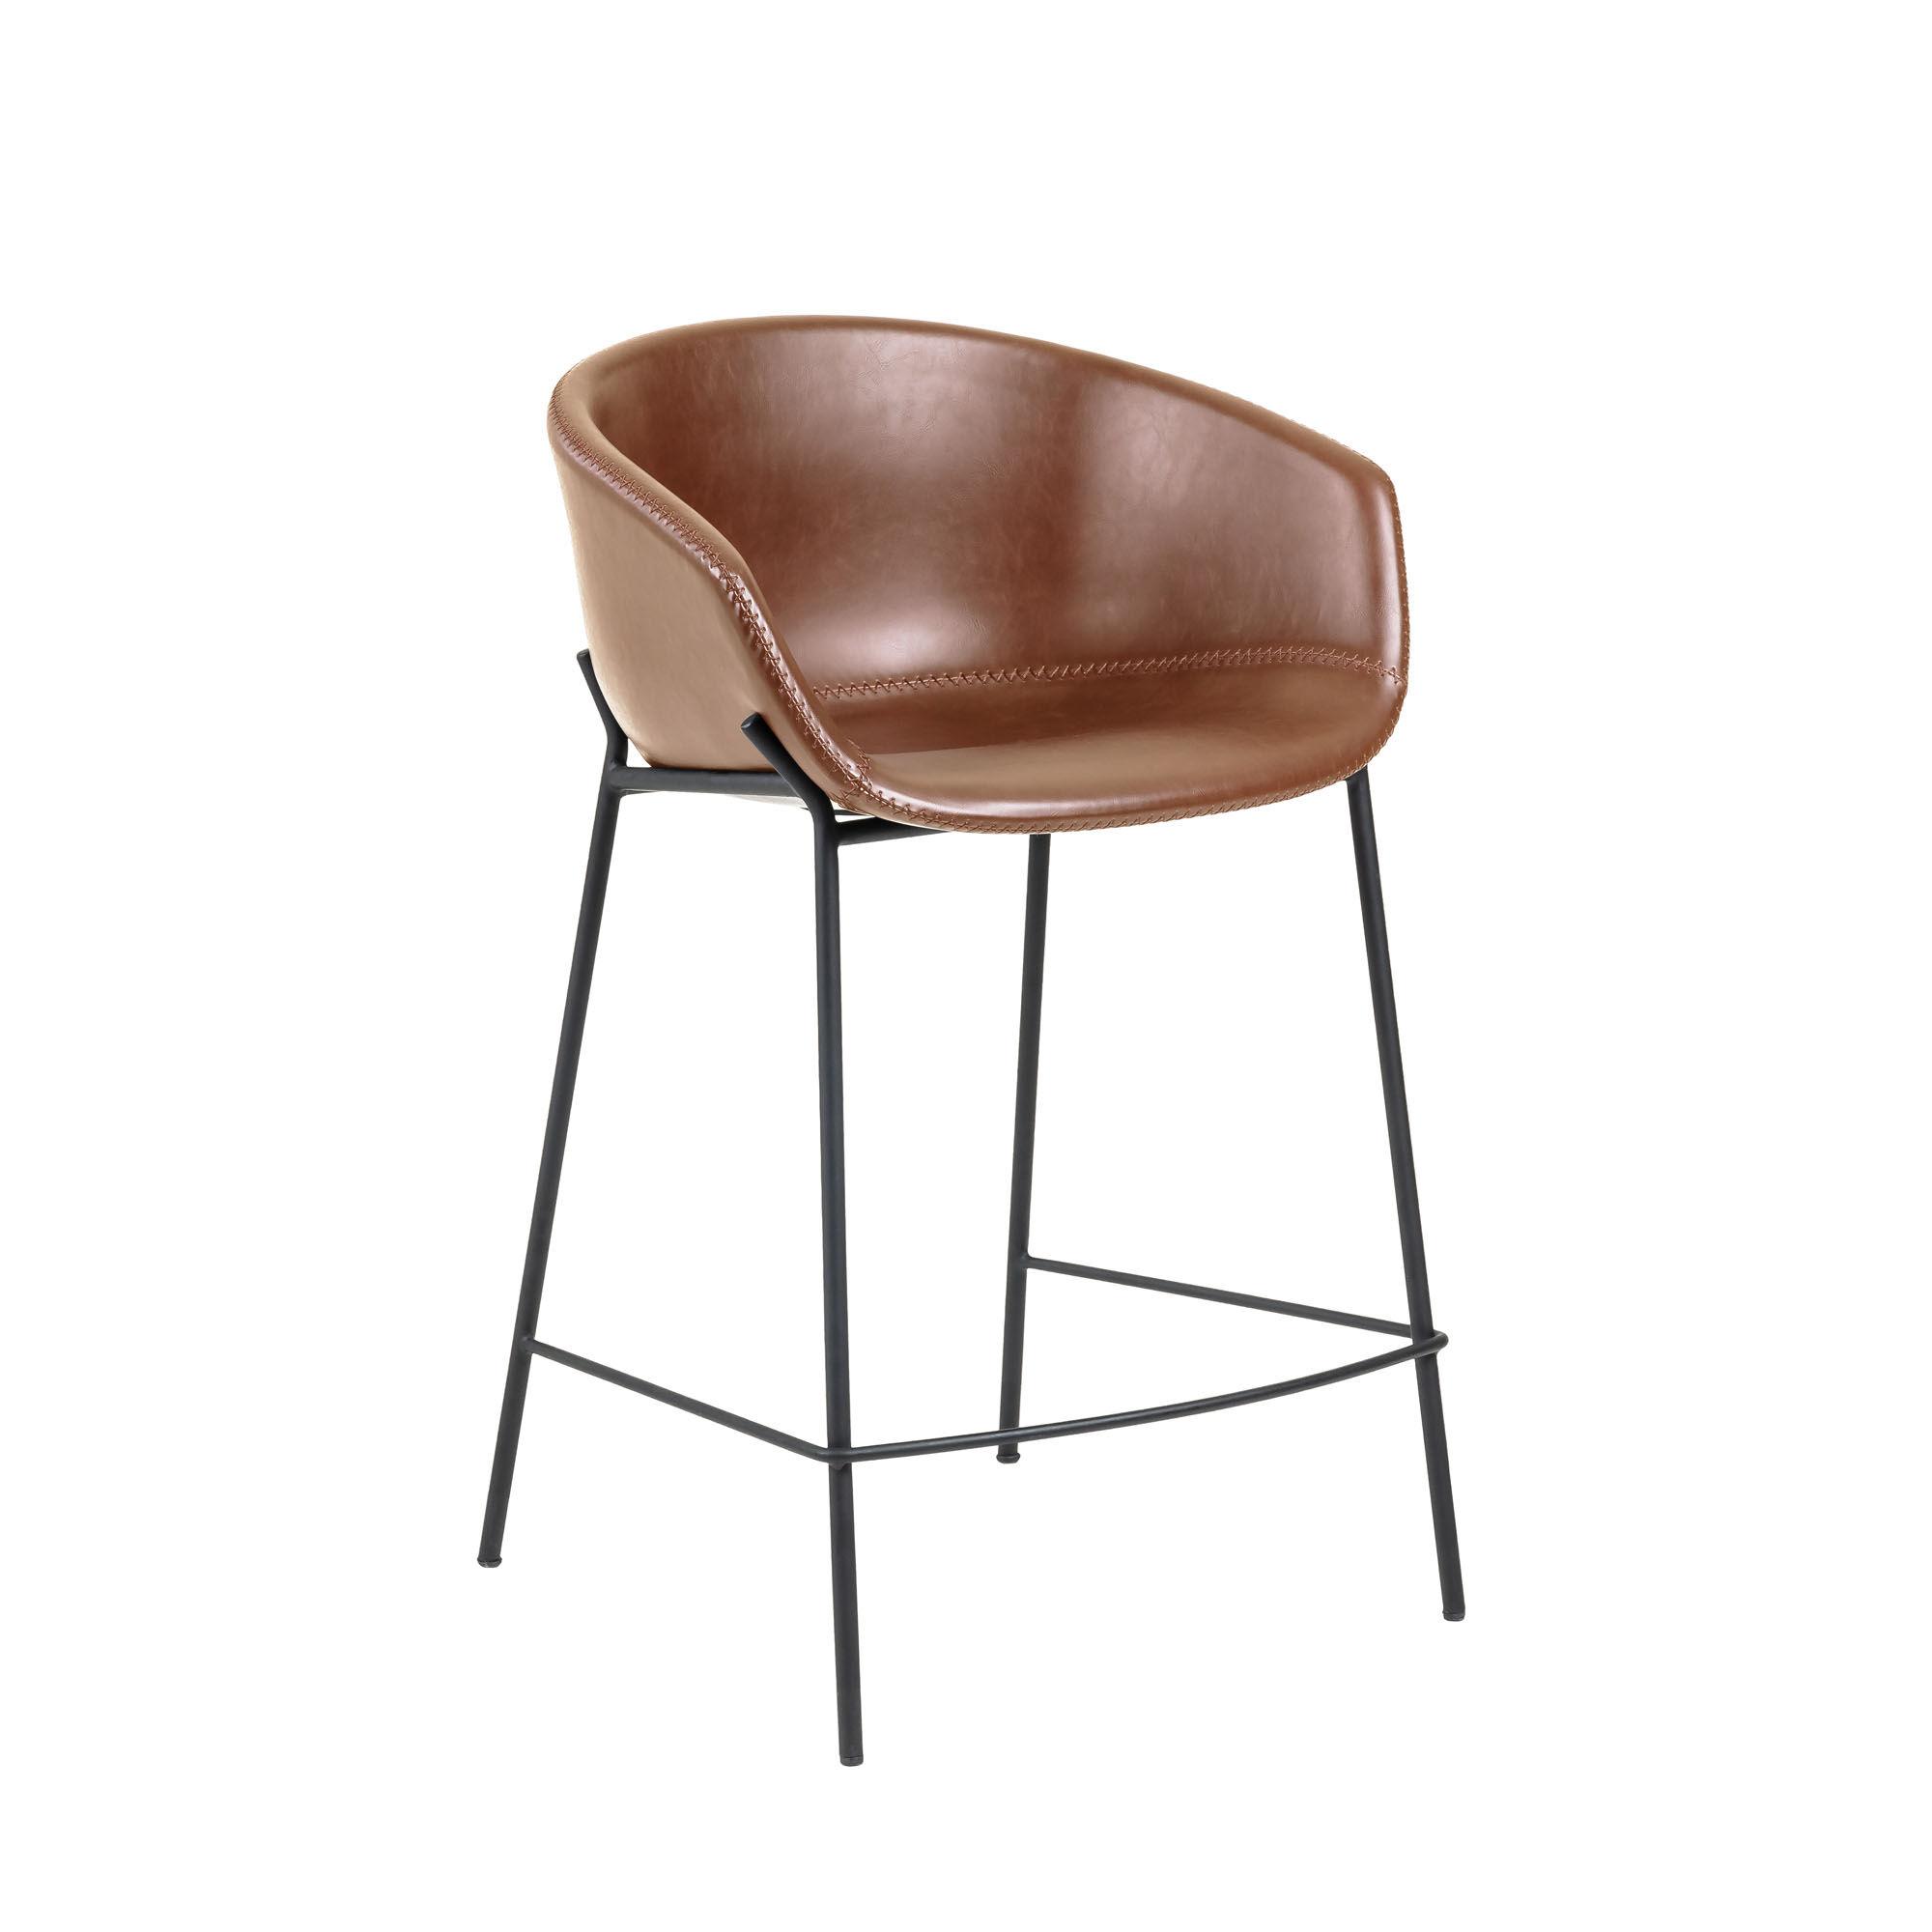 kave home sgabello yvette in pelle sintetica marrone altezza 65 cm